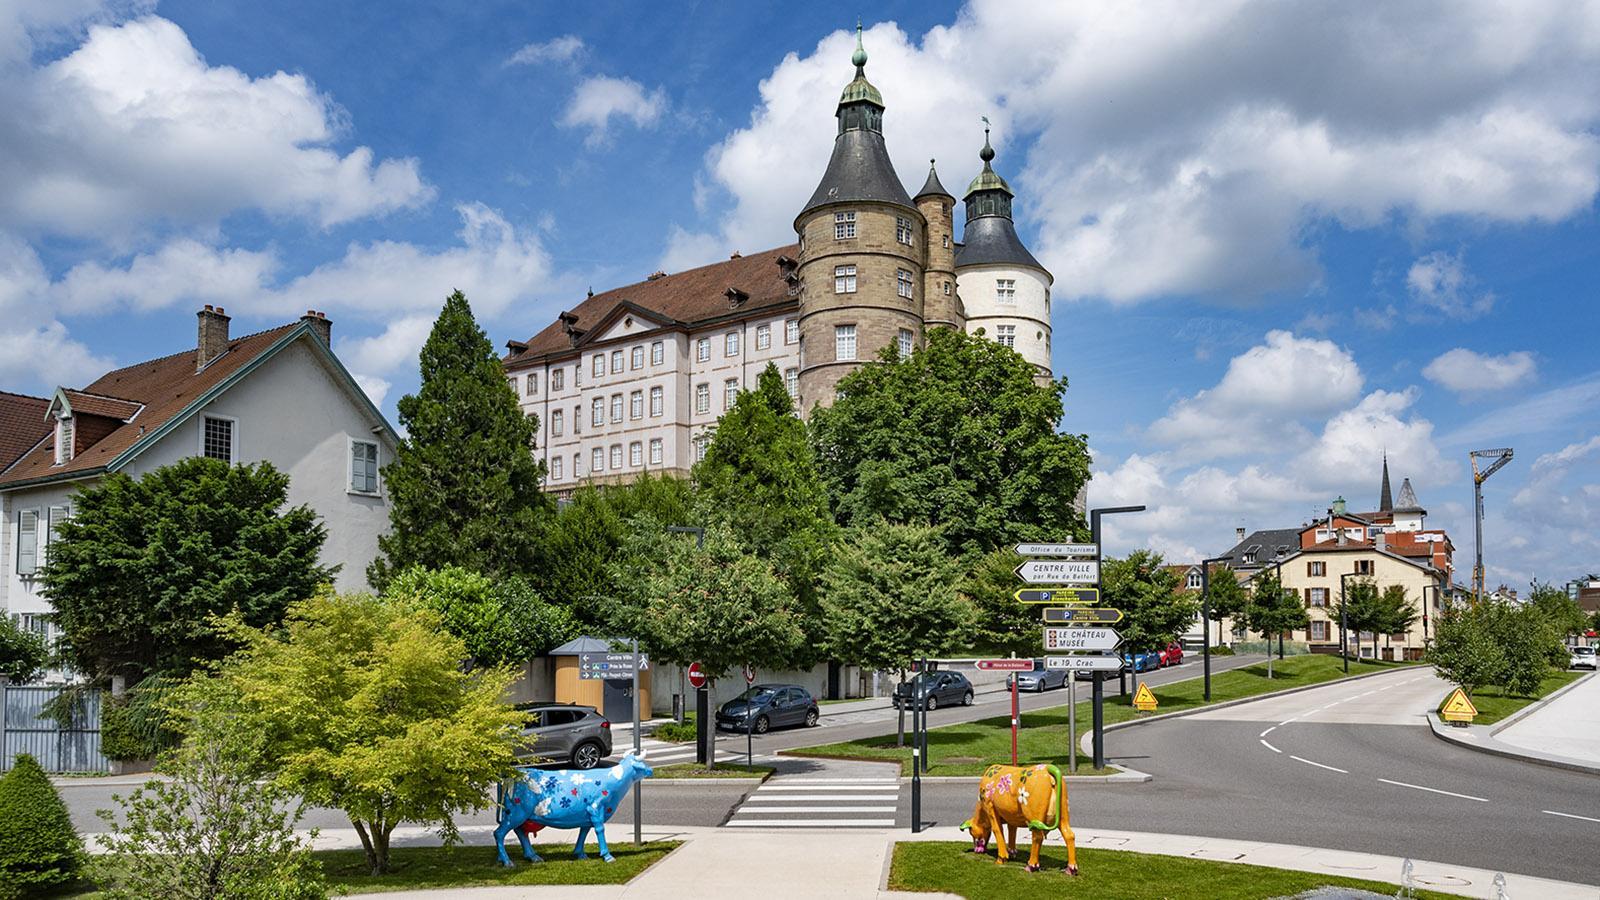 Blick auf das Schloss von Montbéliard vom Office de Tourisme aus. Foto: Hilke Maunder